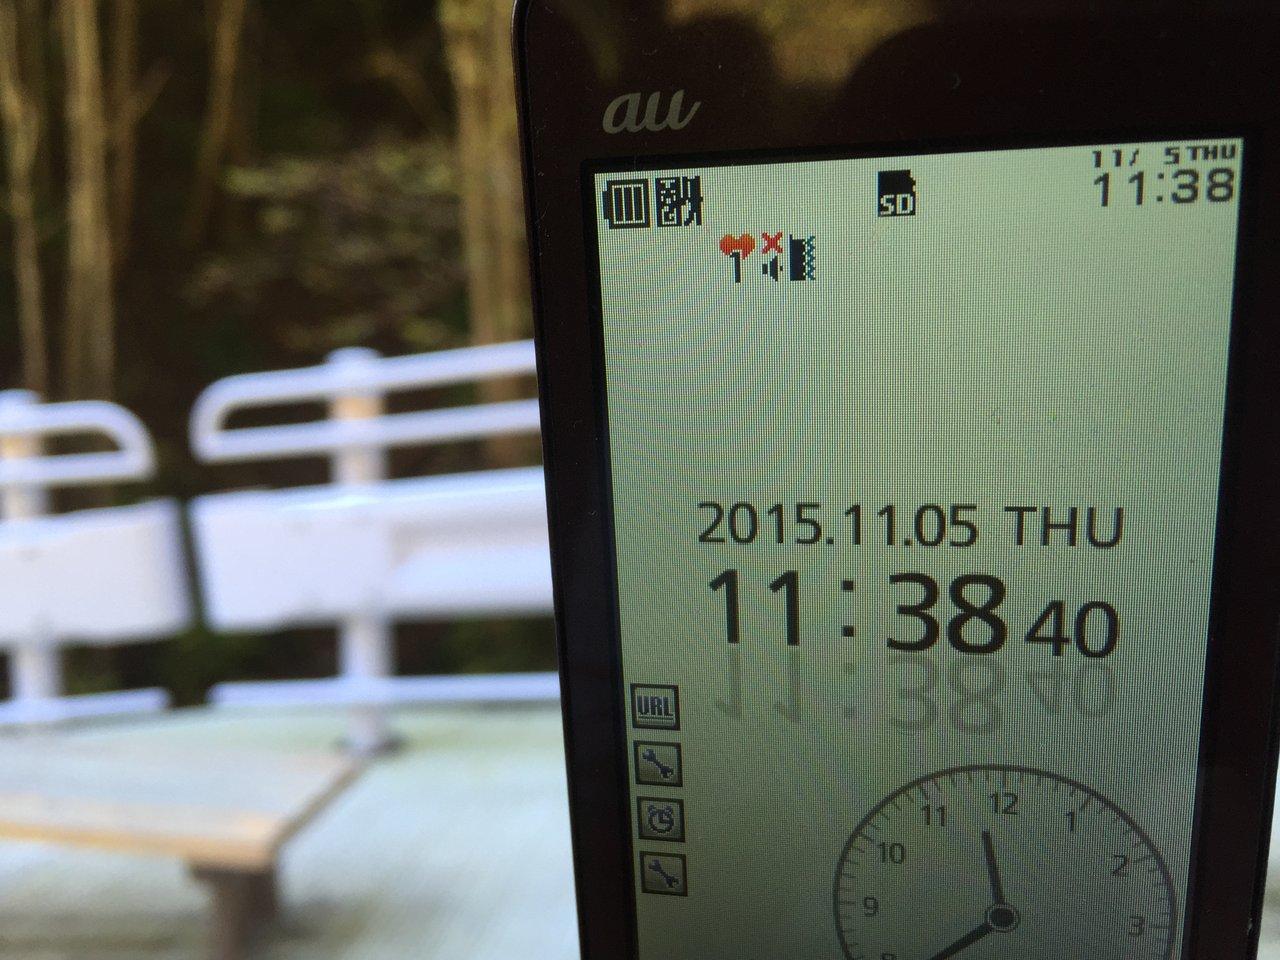 20151105_023840657_iOS